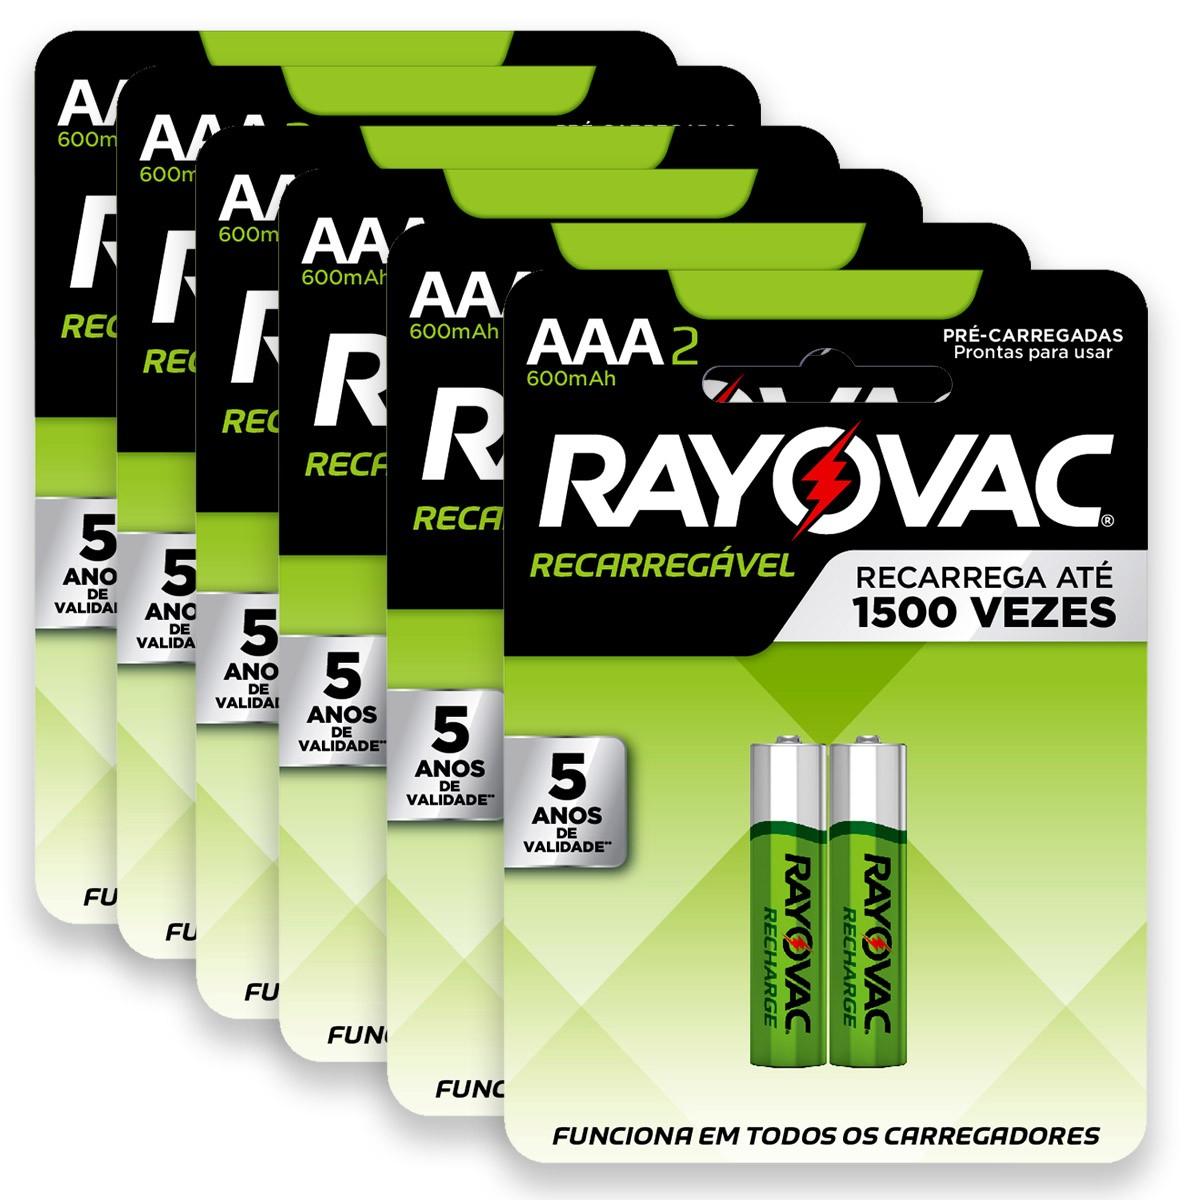 12 Pilhas AAA Recarregável 600mAh RAYOVAC 6 cartelas